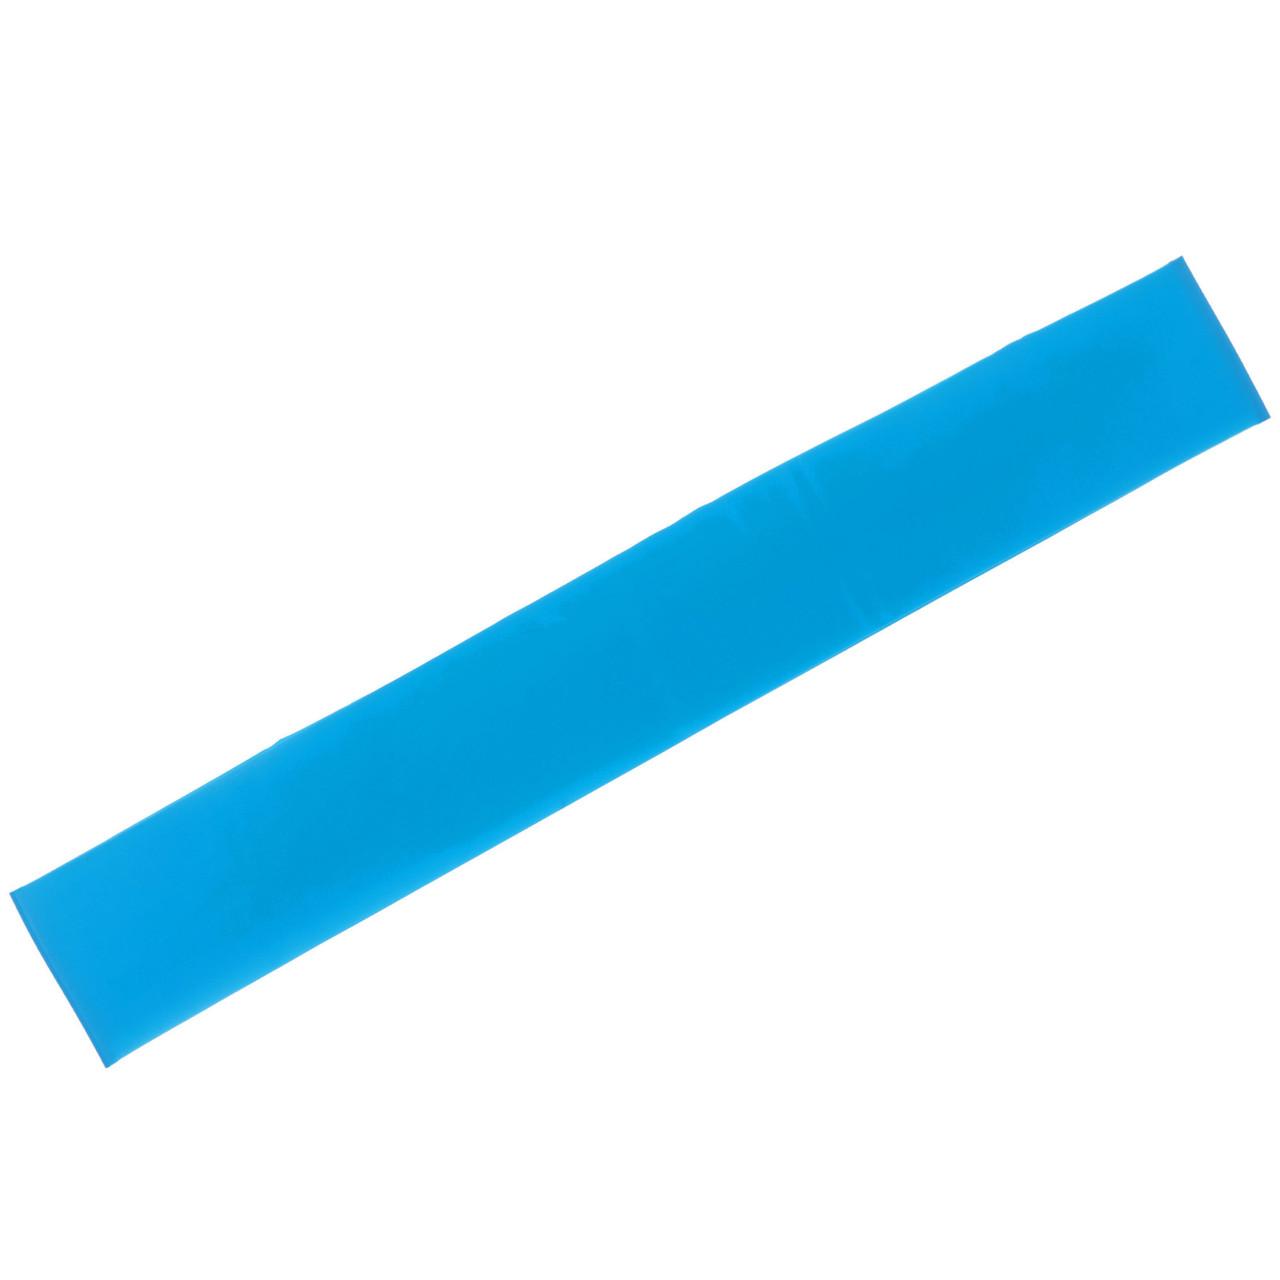 Стрічка опору 600x60x0,4мм жорсткість XS LOOP BANDS LB-001-BL OF